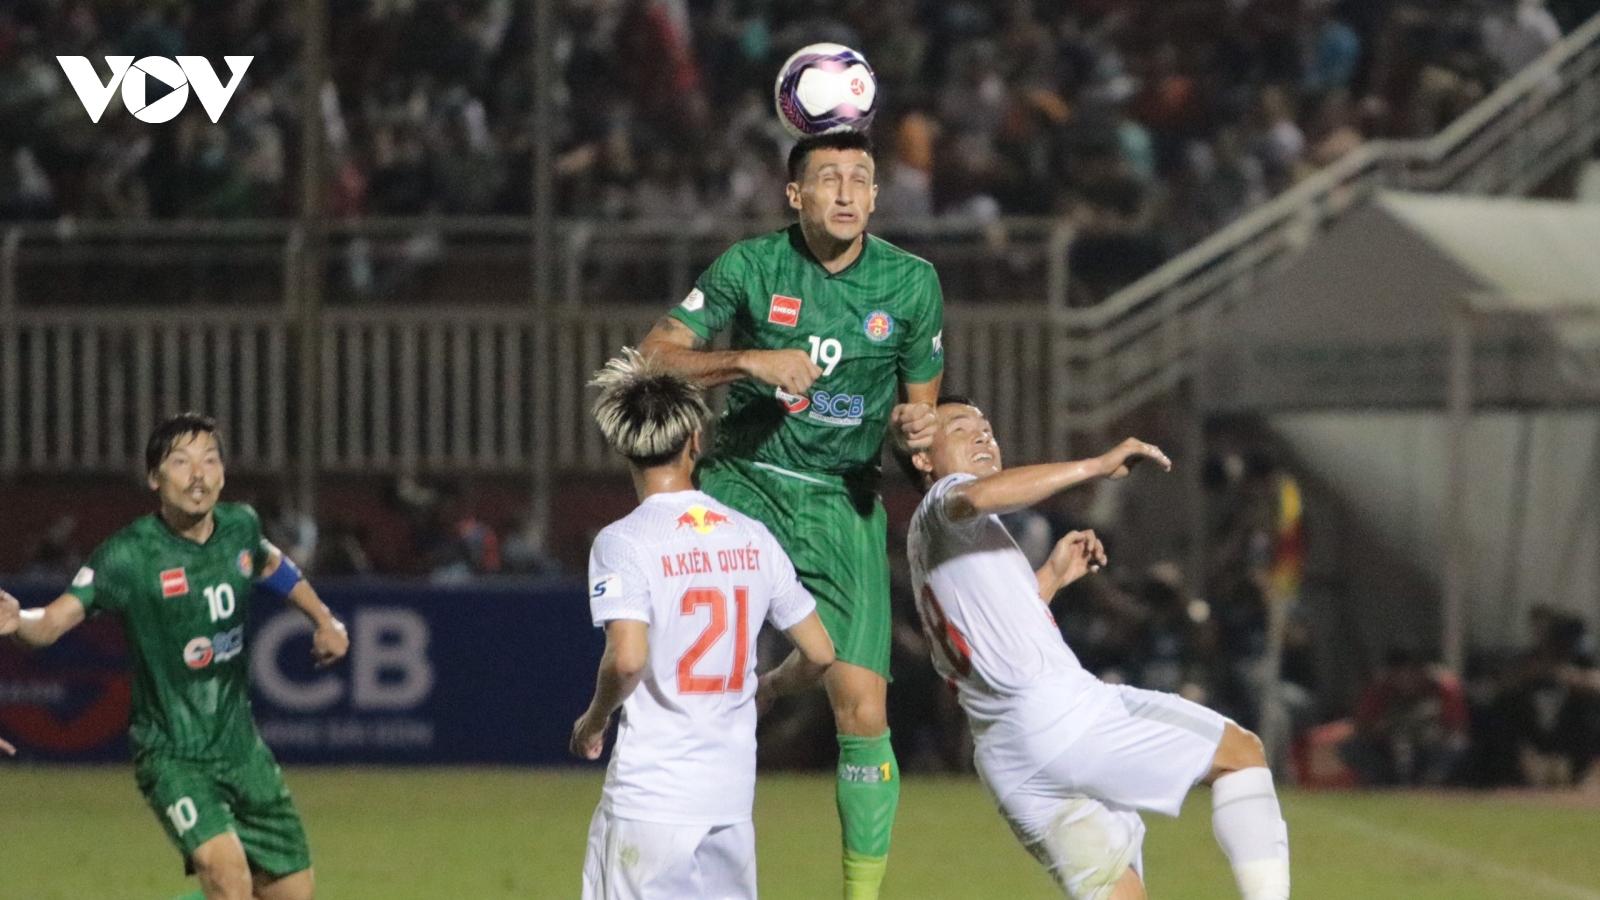 TRỰC TIẾP Sài Gòn FC 1-0 HAGL: Đỗ Merlo gieo sầu cho Công Phượng